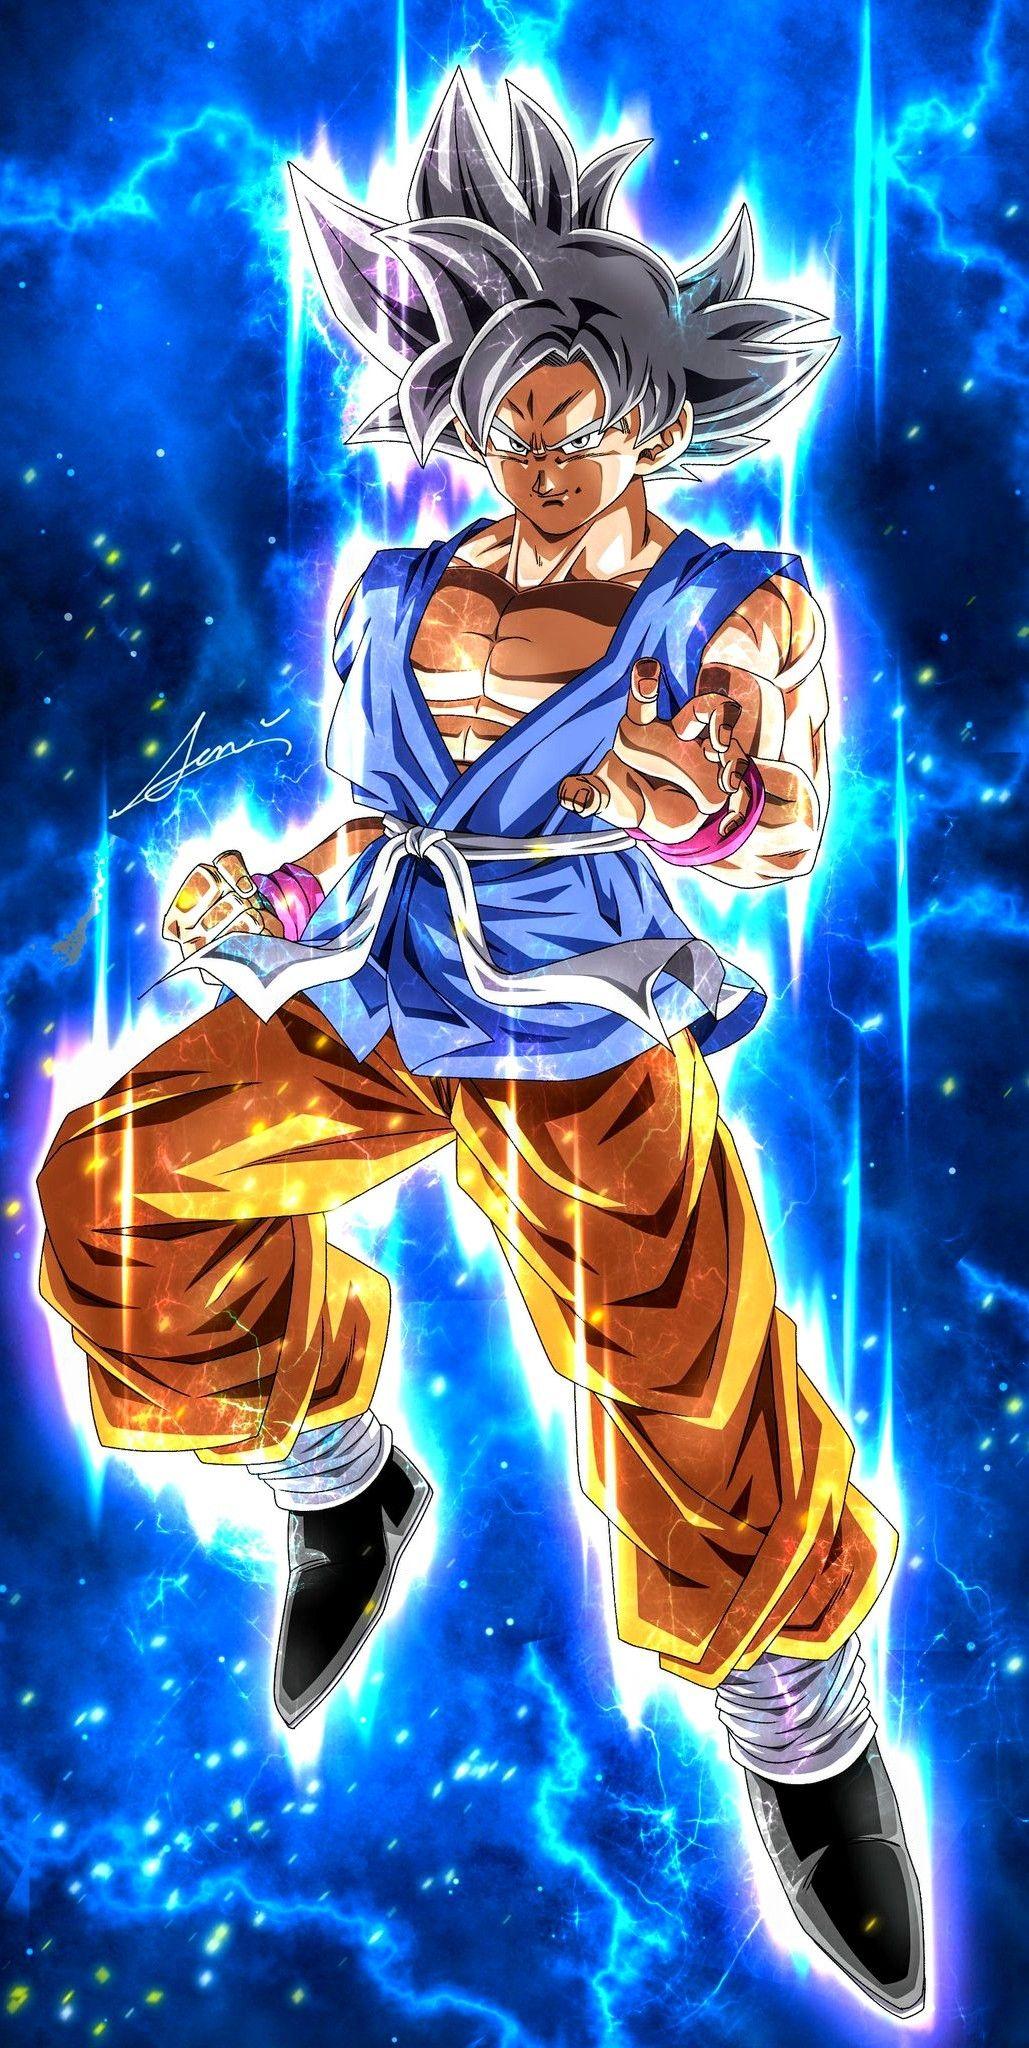 Goku Mui Anime Dragon Ball Super Anime Dragon Ball Goku Dragon Ball Super Manga